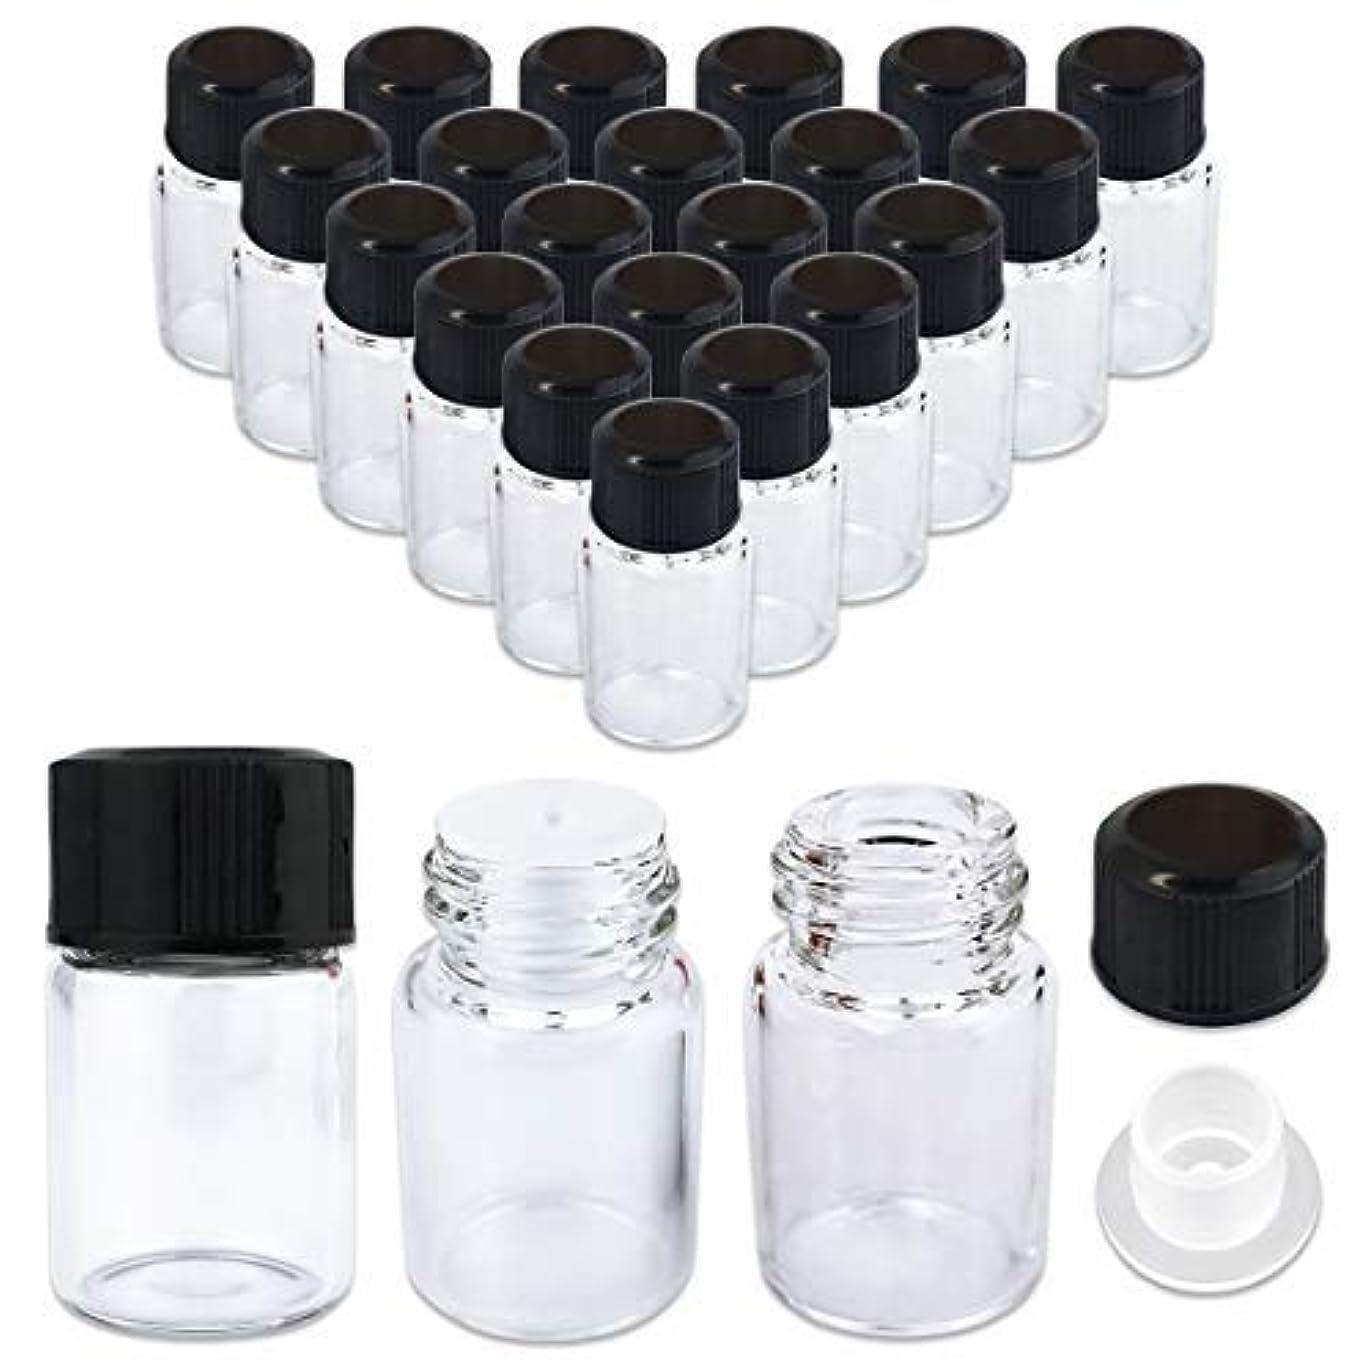 方法セールスマンセンサー24 Packs Beauticom 2ML Clear Glass Vial for Essential Oils, Aromatherapy, Fragrance, Serums, Spritzes, with Orifice...